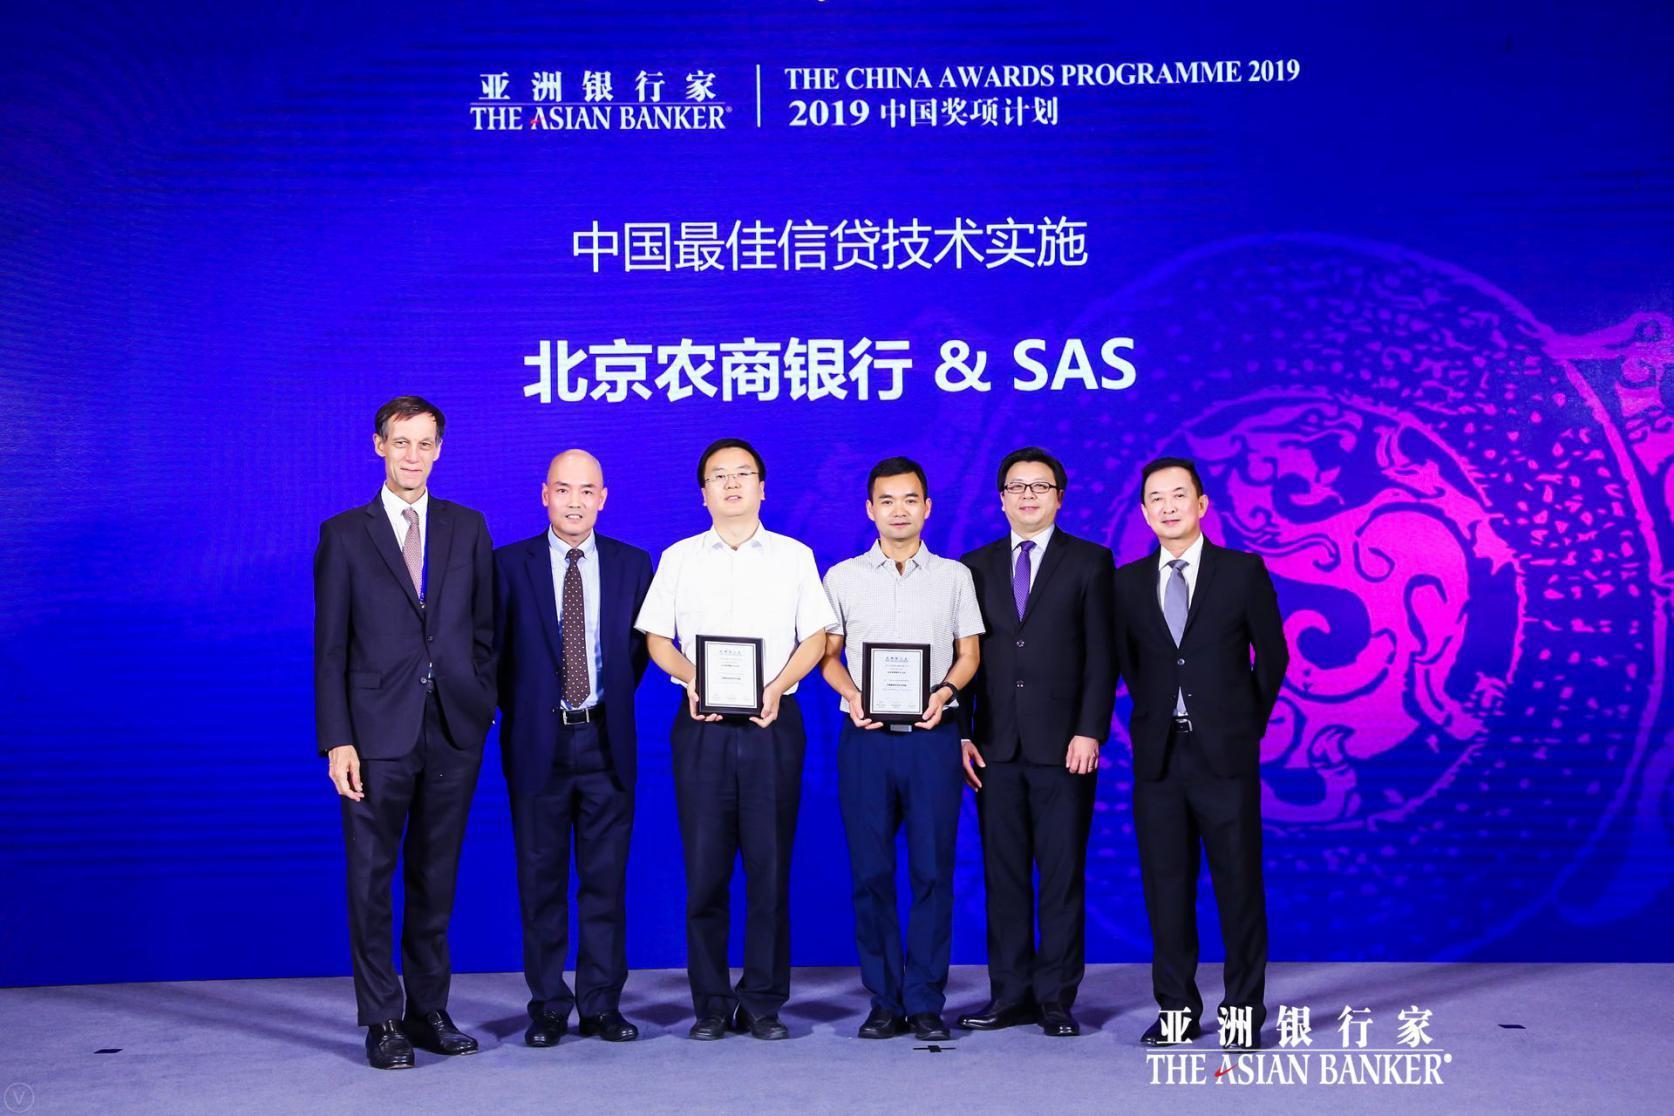 SAS联手北京农村商业银行荣膺《亚洲银行家